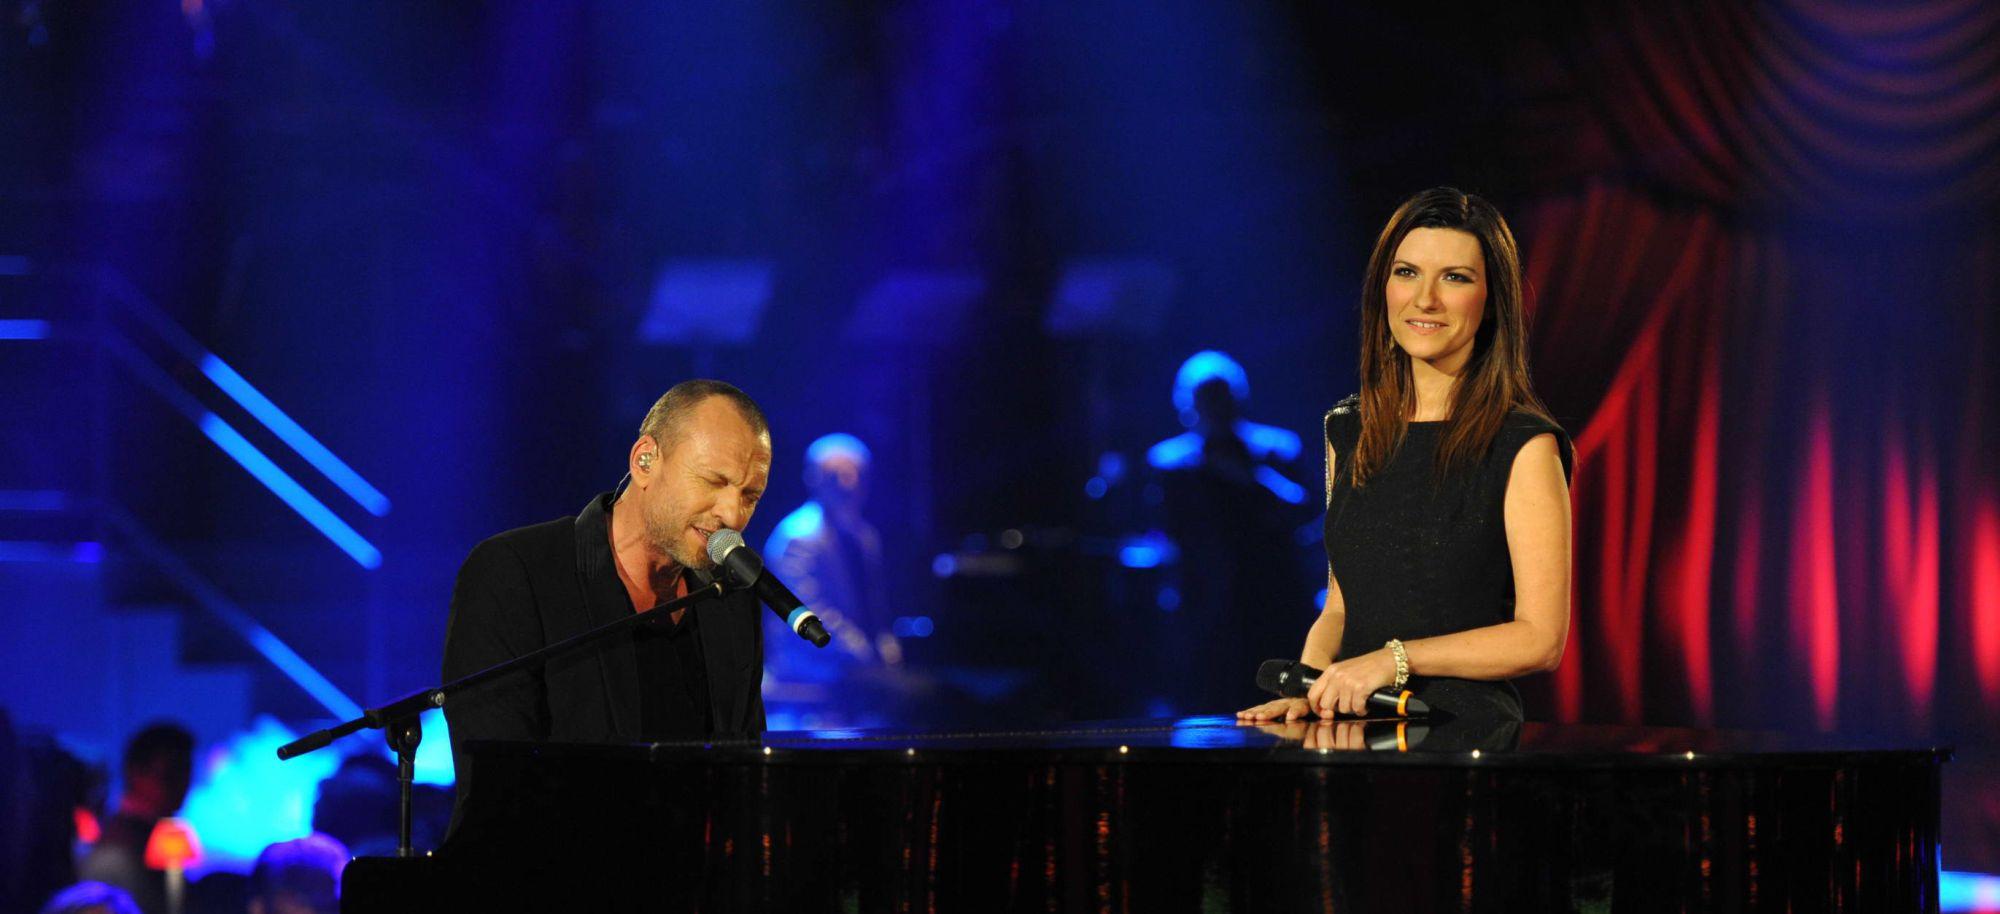 Sanremo 2019: Laura Pausini e Biagio Antonacci ospiti?